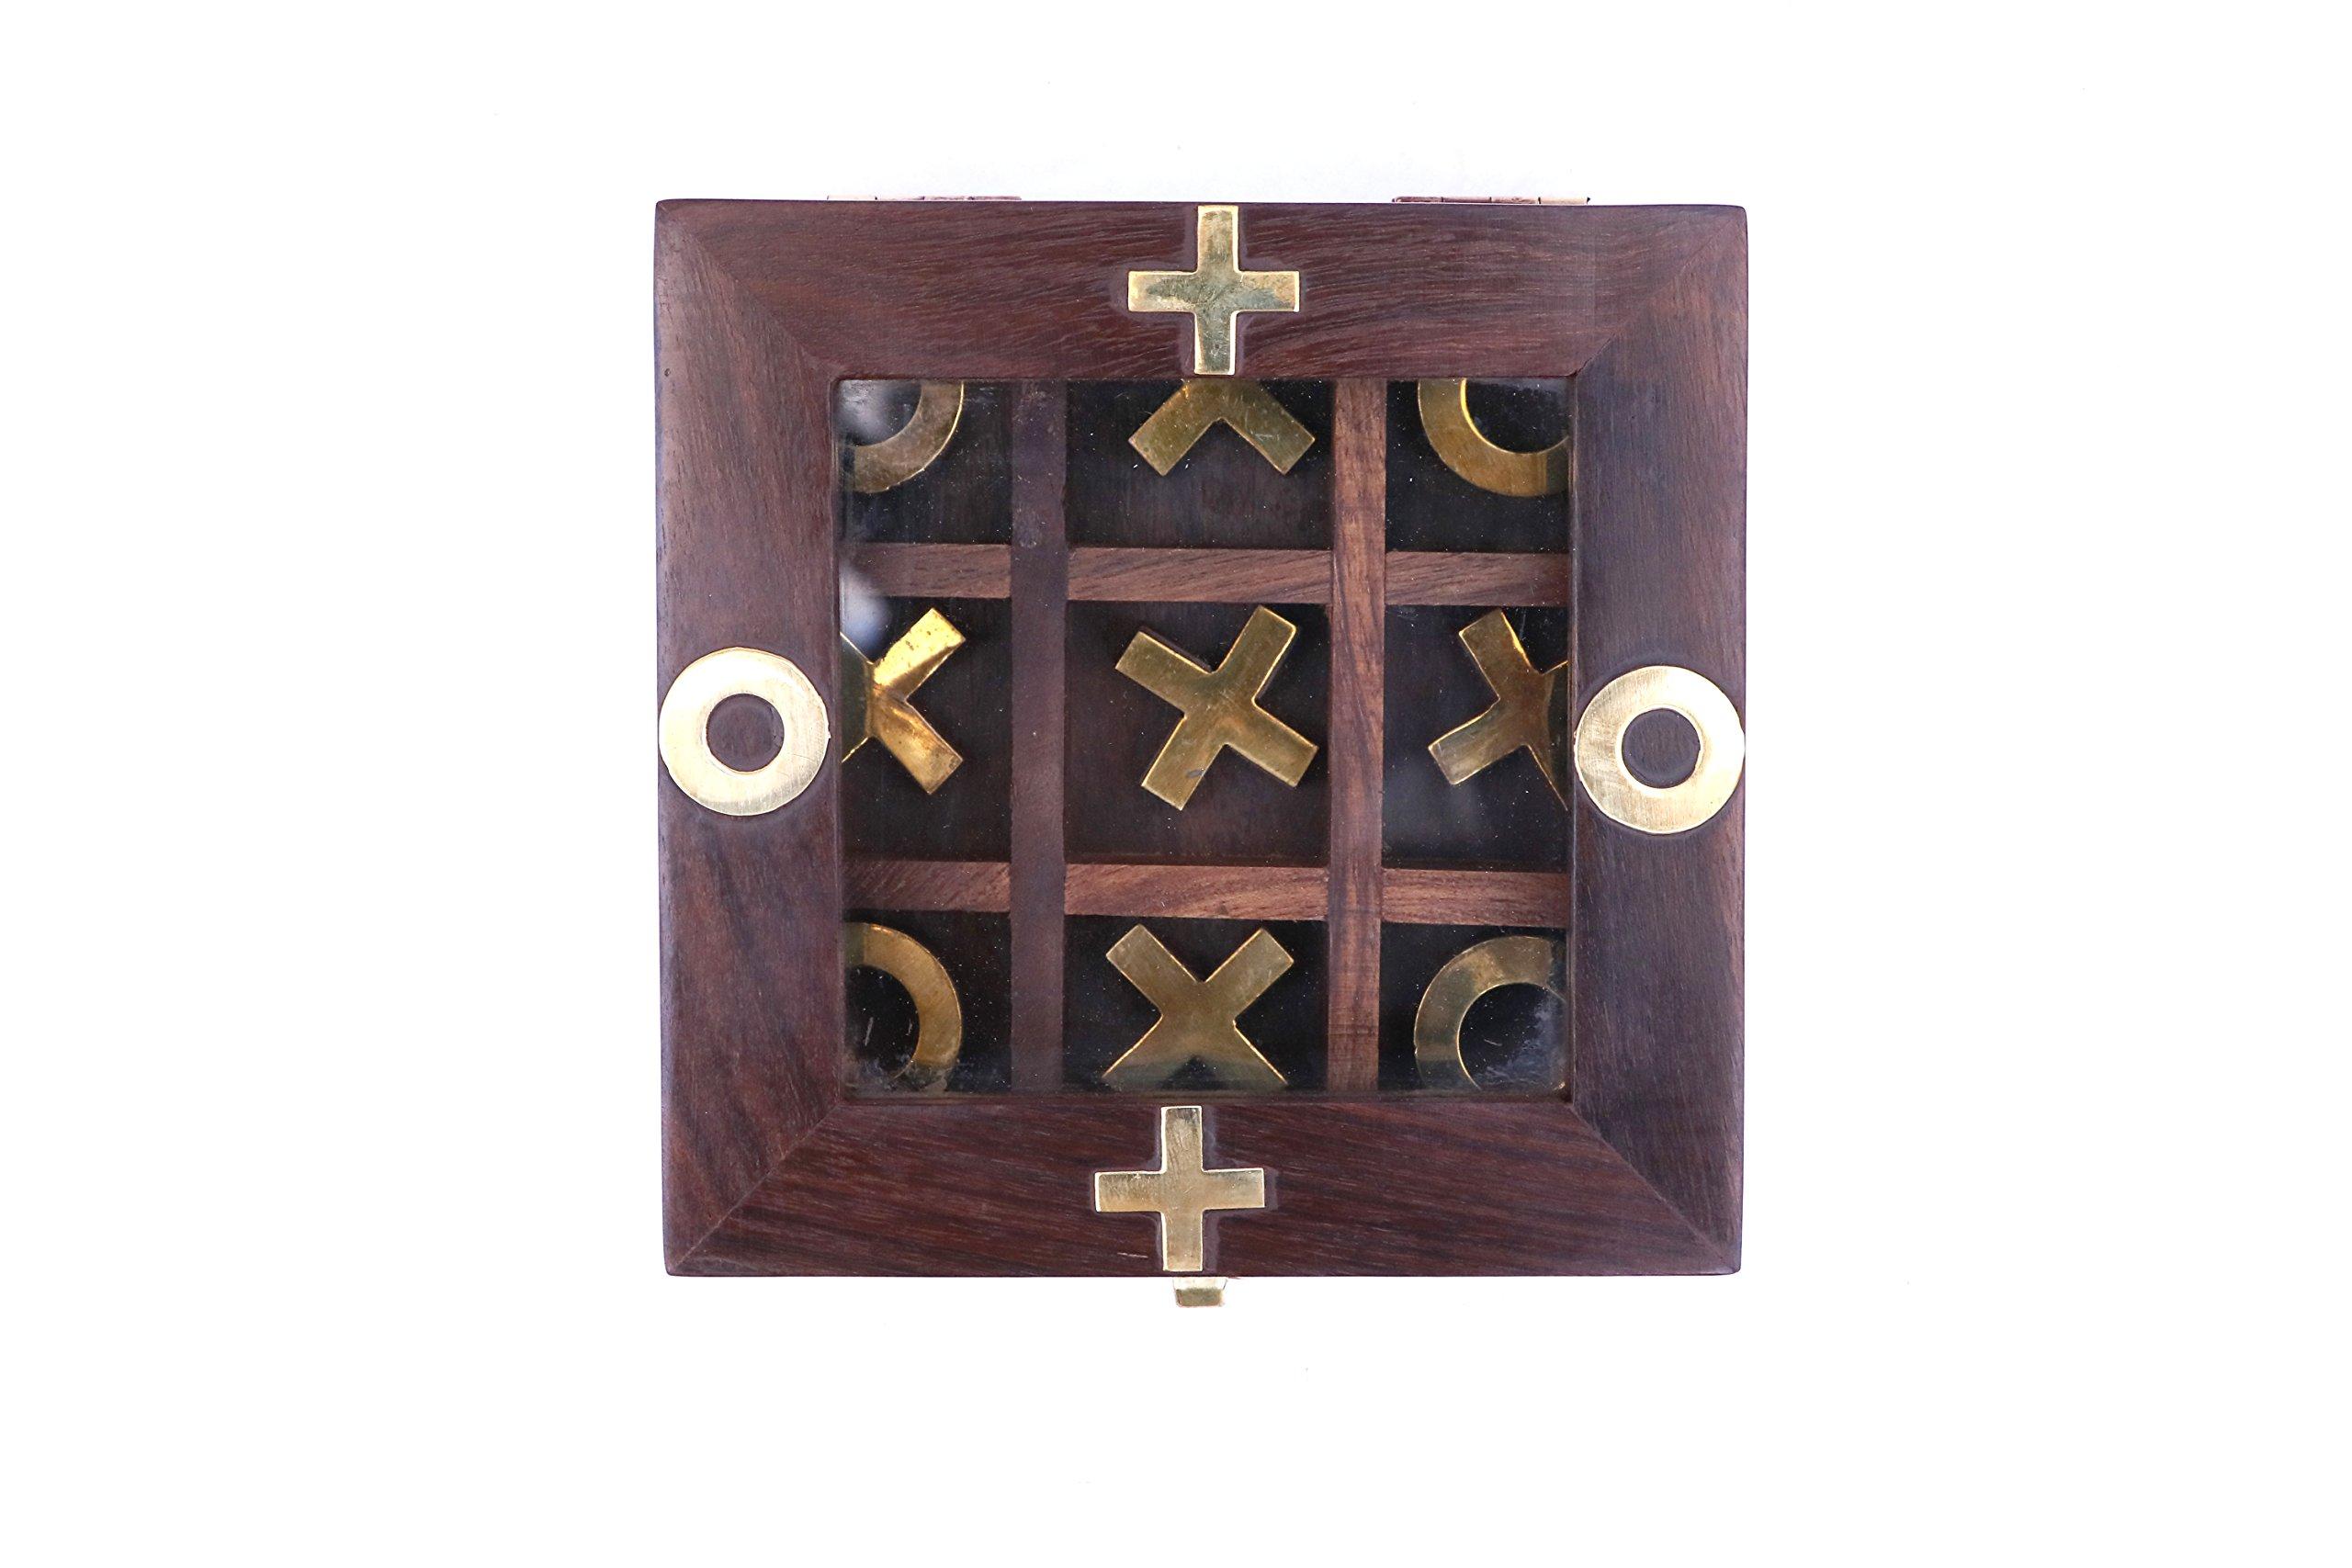 Buy Wooden Tic Tac Toe Tick Tack Toe